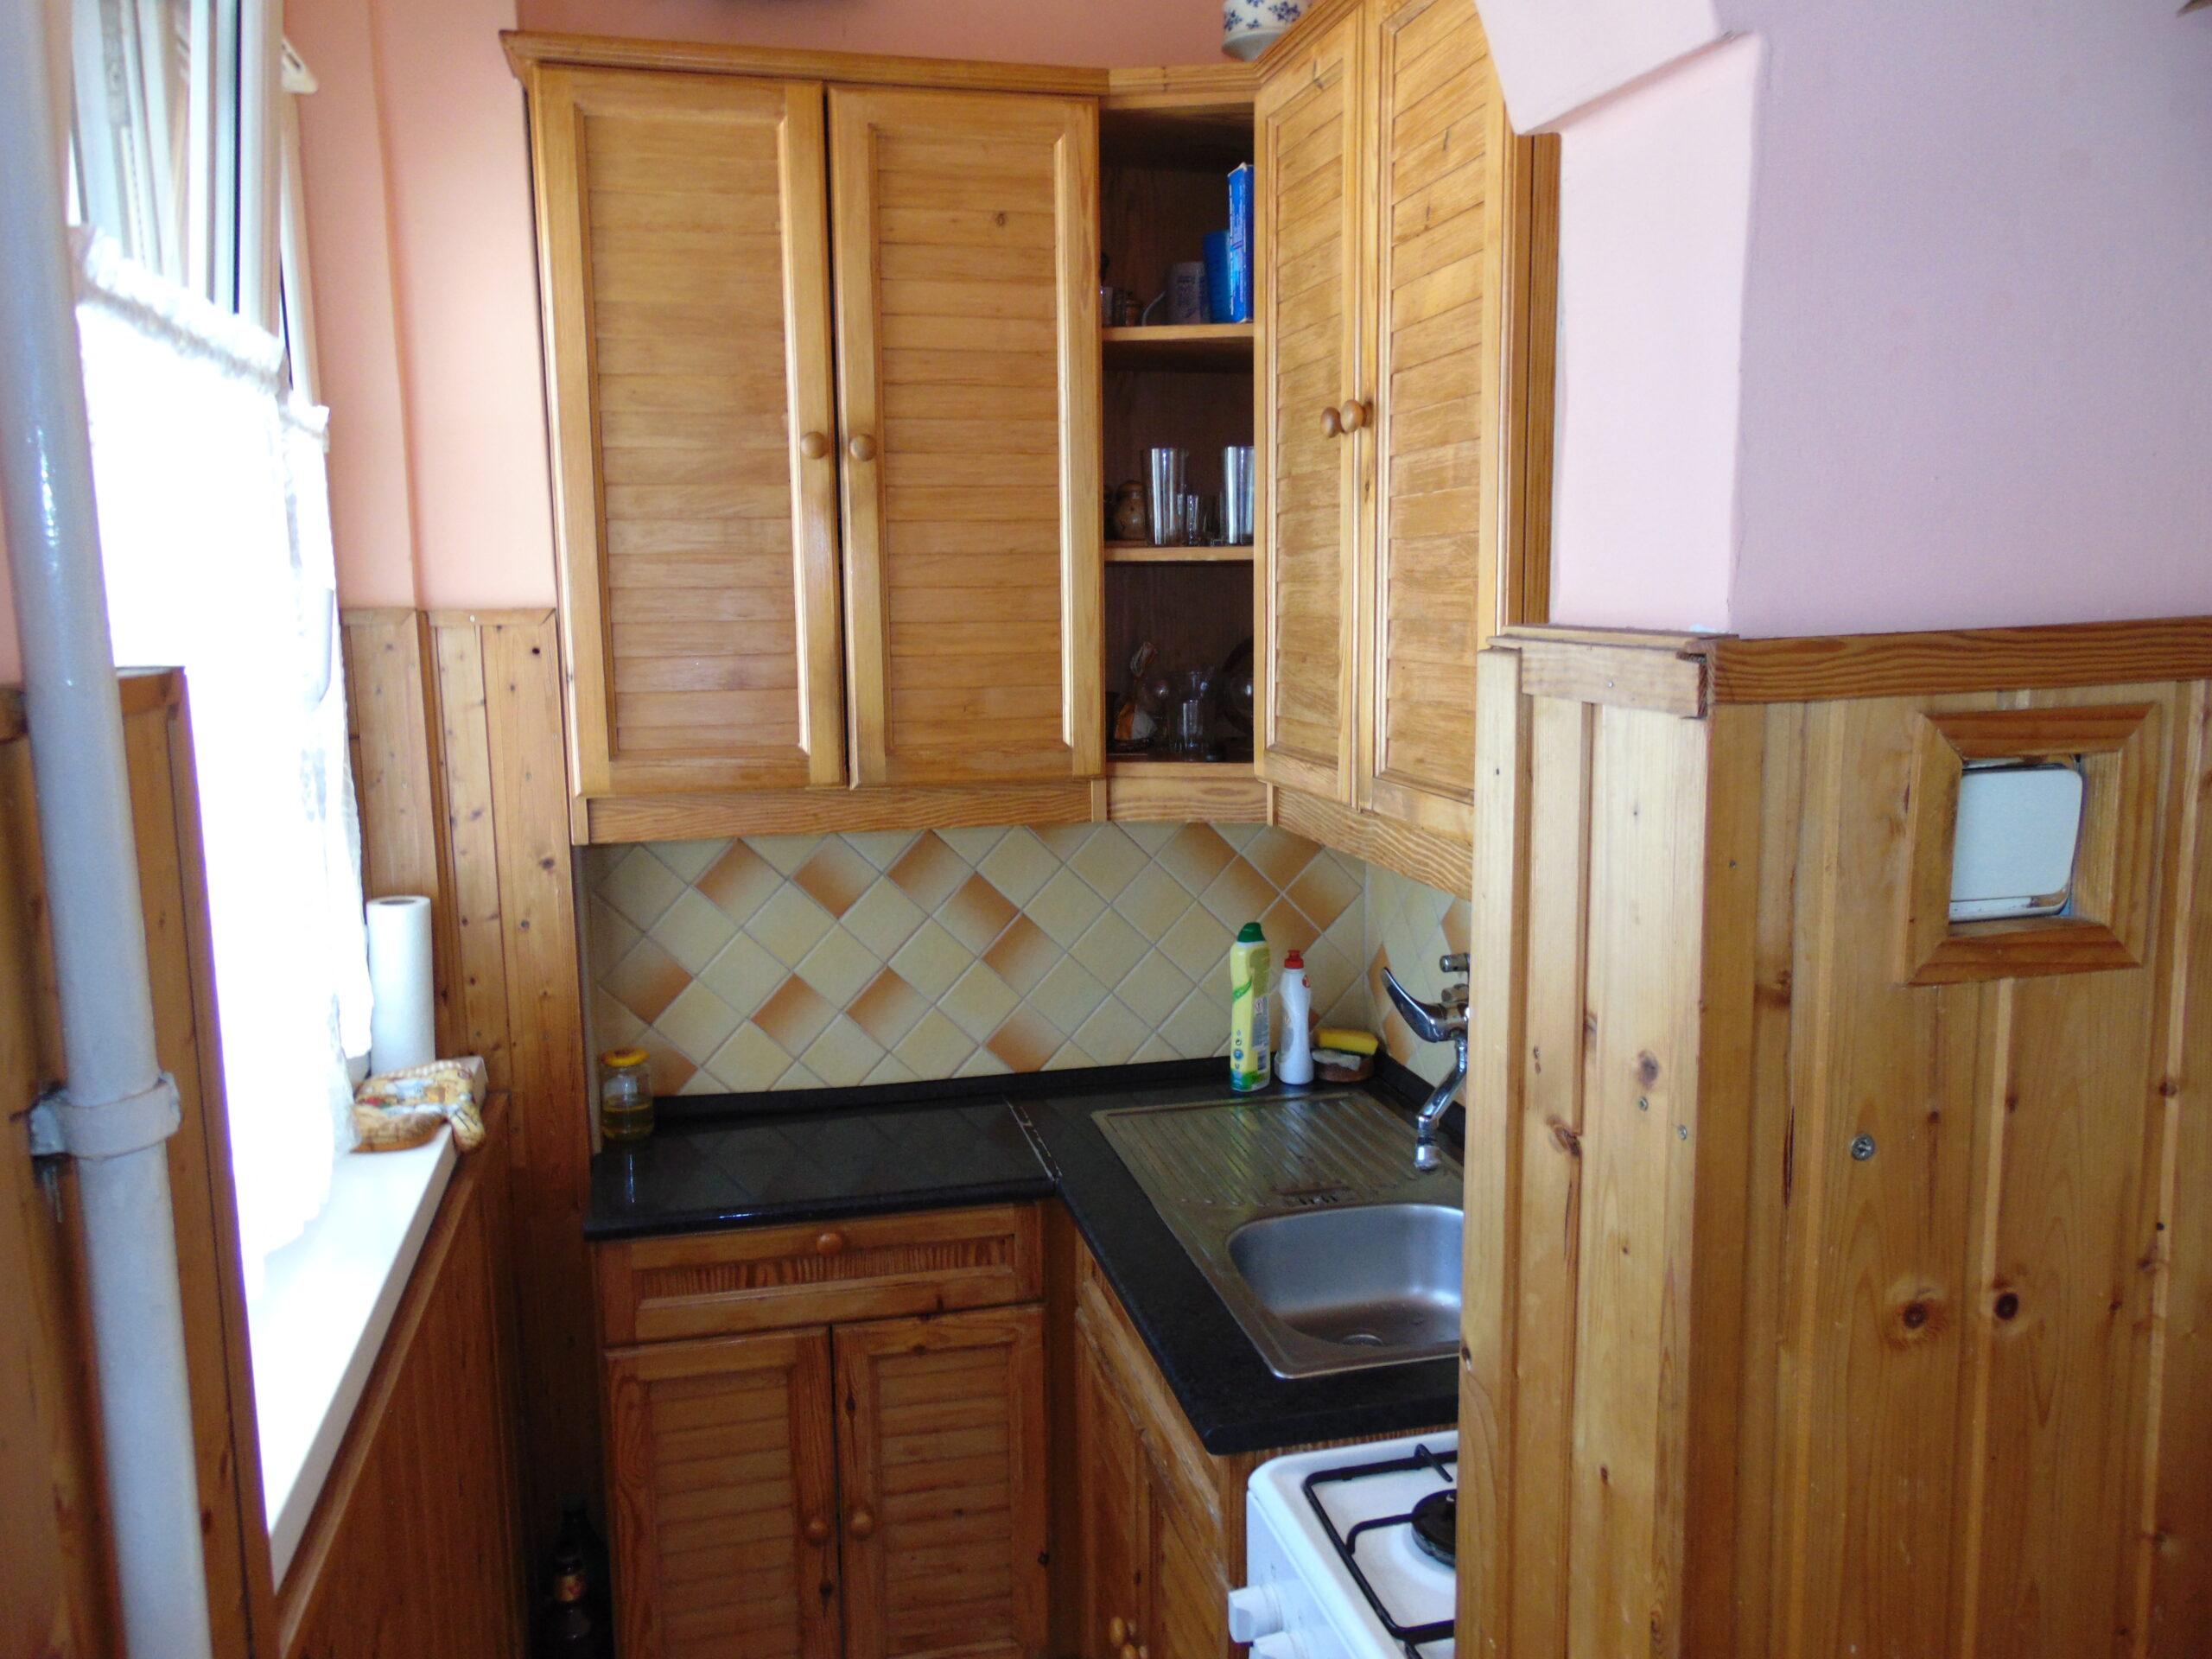 Eladó 2 szobás egyedi fűtésű tégla lakás , a Hunyaidvárosban!